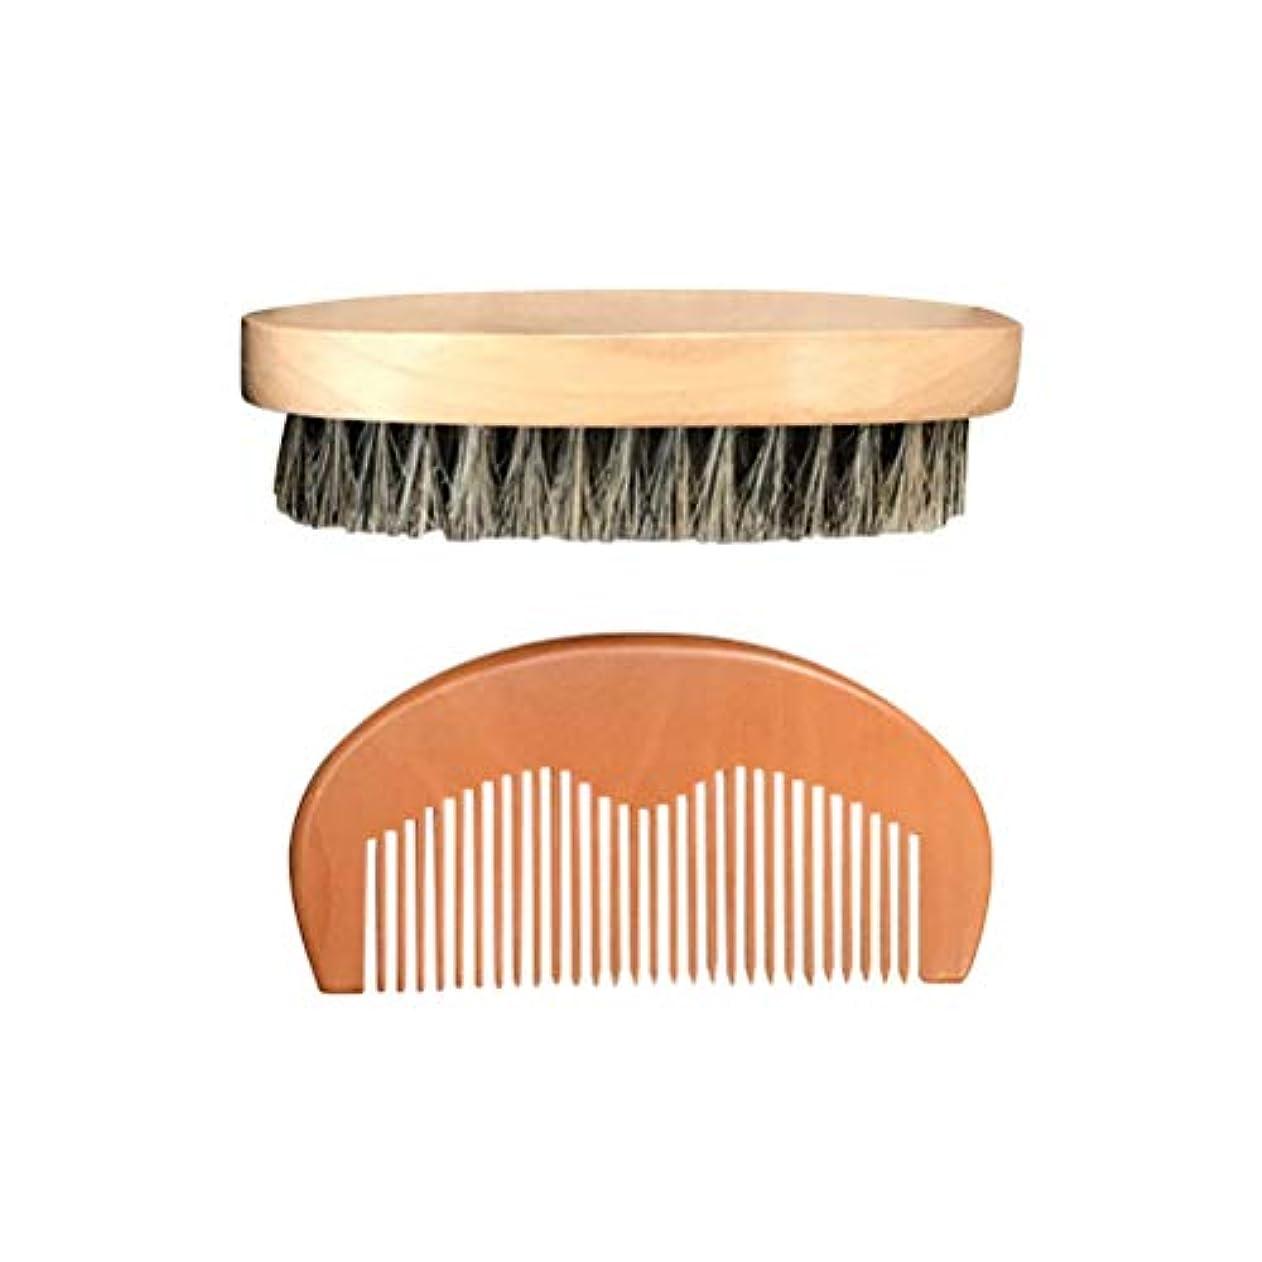 鋼振る瞑想するSUPVOX 2本の木製のひげの櫛およびブラシのキットの口ひげの櫛のひげのグルーミングブラシ